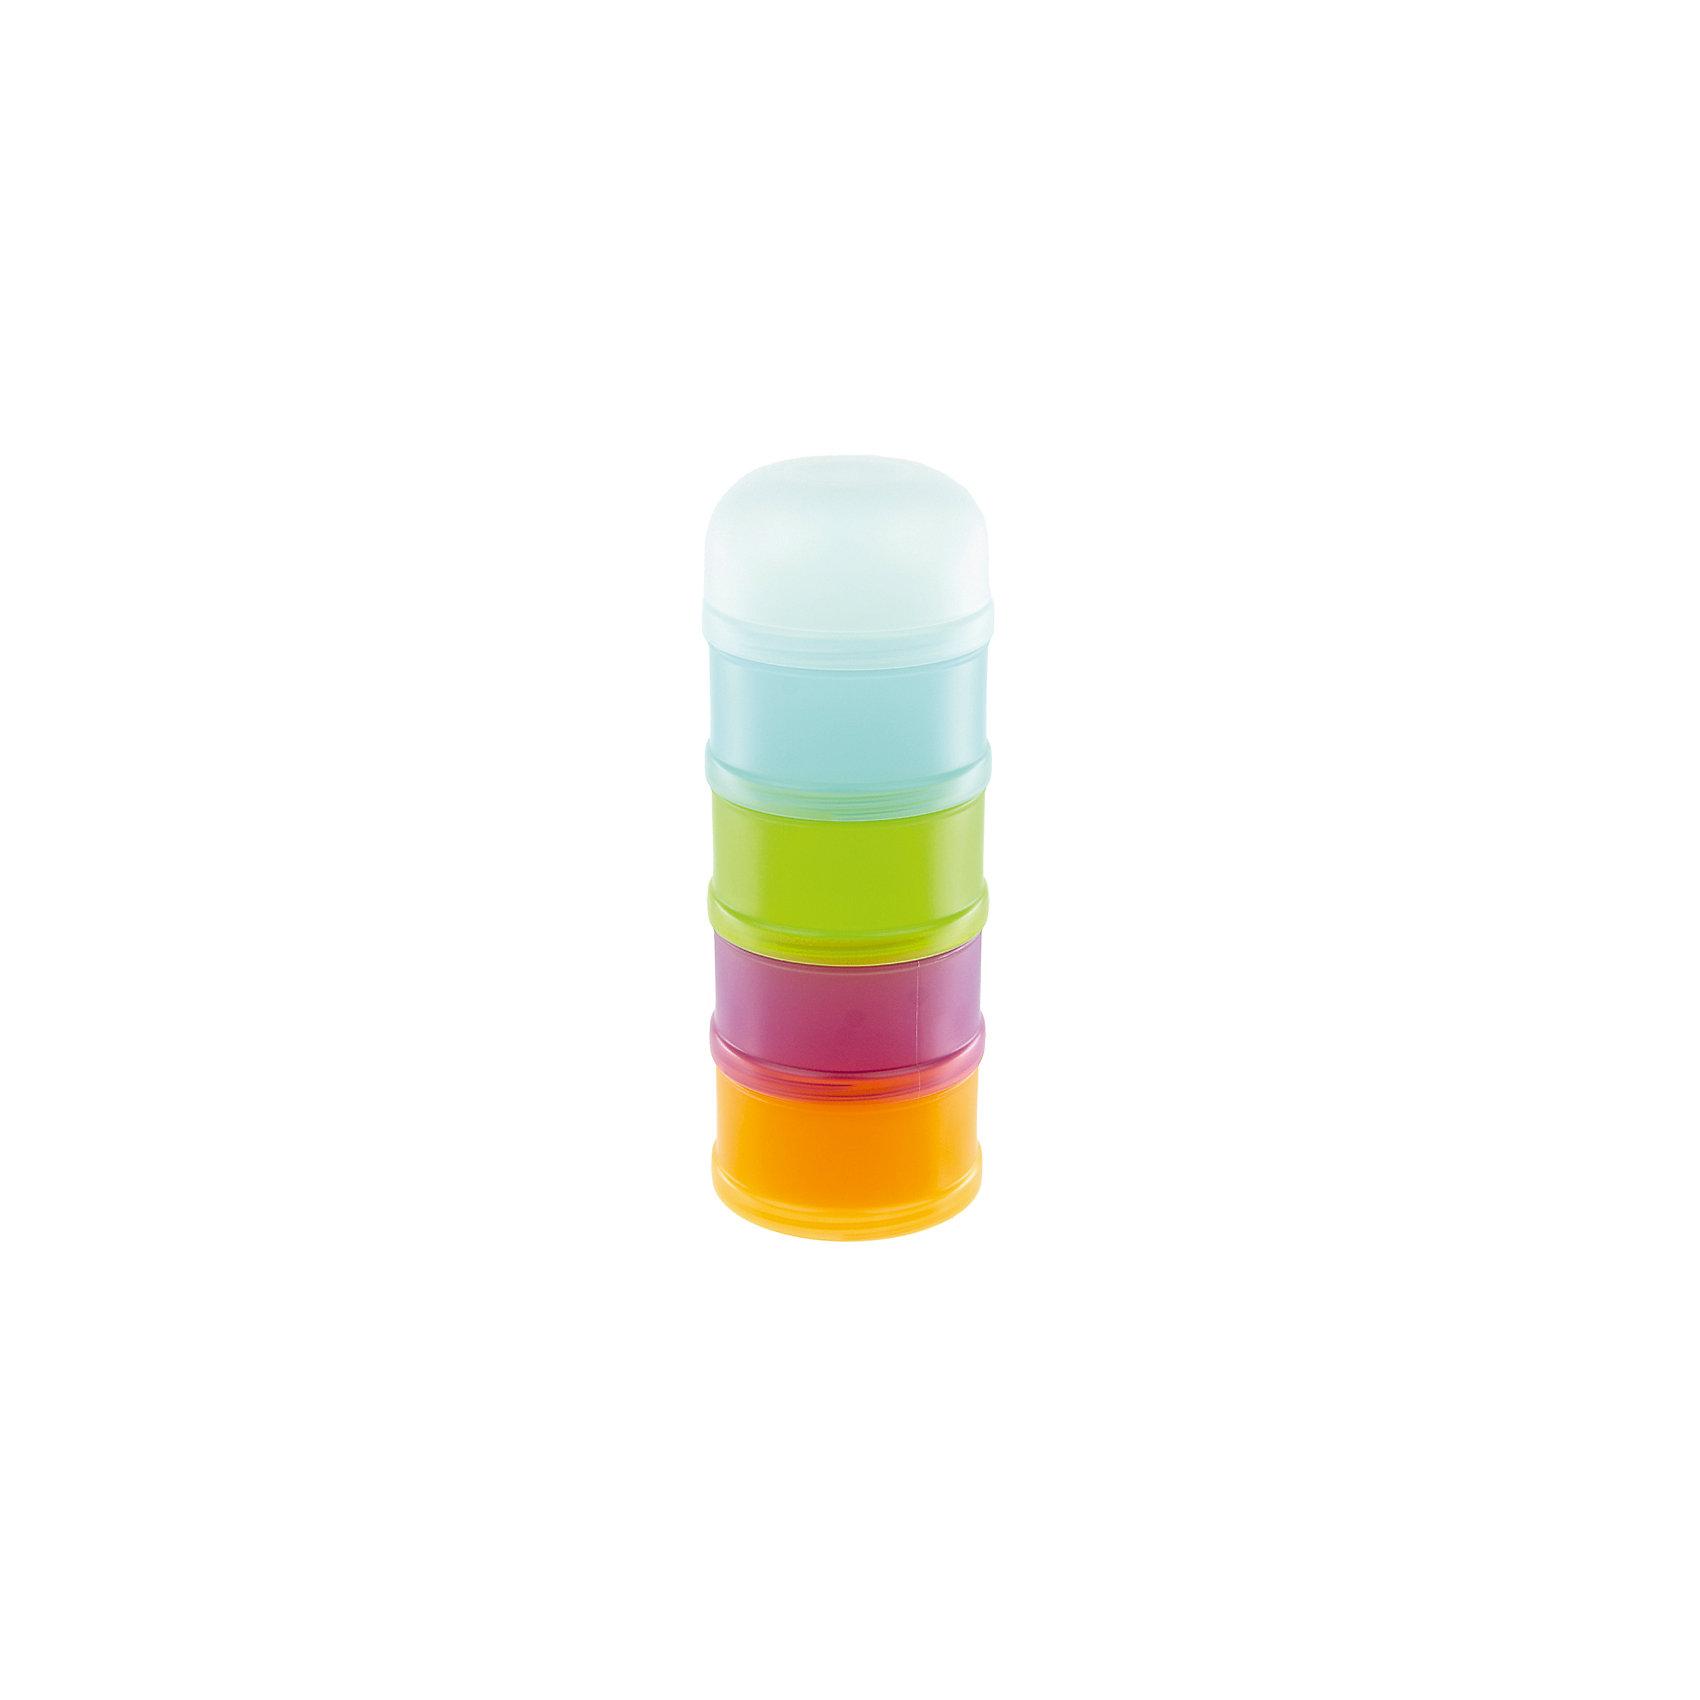 Контейнер-дозатор для молока от 0 мес., SuavinexПустышки и аксессуары<br>Характеристики:<br><br>• Наименование: контейнер-дозатор для молока<br>• Материал: пластик<br>• Пол: универсальный<br>• Цвет: оранжевый, зеленый, бирюзовый, фиолетовый<br>• Комплектация: 4 съемных отсека, крышка с носиком, колпачок<br>• Вес: 128 г<br>• Параметры (Д*Ш*В): 7,7*7,7*20 см <br>• Особенности ухода: разрешается мыть в горячей мыльной воде, допускается стерилизация<br><br>Контейнер-дозатор для молока от 0 мес., Suavinex изготовлен испанским торговым брендом, специализирующимся на выпуске товаров для кормления и аксессуаров новорожденным и младенцам. Изделие предназначено для организации питания младенца в поездках и путешествиях. <br><br>Контейнер изготовлен из экологически безопасного пластика, который устойчив к повреждениям и появлению царапин. У изделия имеется четыре съемных независимых друг от друга отсека, предназначенных для хранения сухих смесей или каш. <br><br>Для удобства пересыпания предусмотрен носик-адаптер, при помощи которого смесь без особого труда можно пересыпать в бутылочку. У контейнера предусмотрен закручивающаяся крышка, что обеспечивает не только герметичность хранения, но и защищает от просыпания смеси. Контейнер-дозатор достаточно прост в уходе: его можно мыть в горячей мыльной воде и стерилизовать.<br><br>Контейнер для пустышки от 0 мес, Suavinex, светло-зеленый можно купить в нашем интернет-магазине.<br><br>Ширина мм: 77<br>Глубина мм: 77<br>Высота мм: 200<br>Вес г: 128<br>Возраст от месяцев: 0<br>Возраст до месяцев: 24<br>Пол: Унисекс<br>Возраст: Детский<br>SKU: 5451313